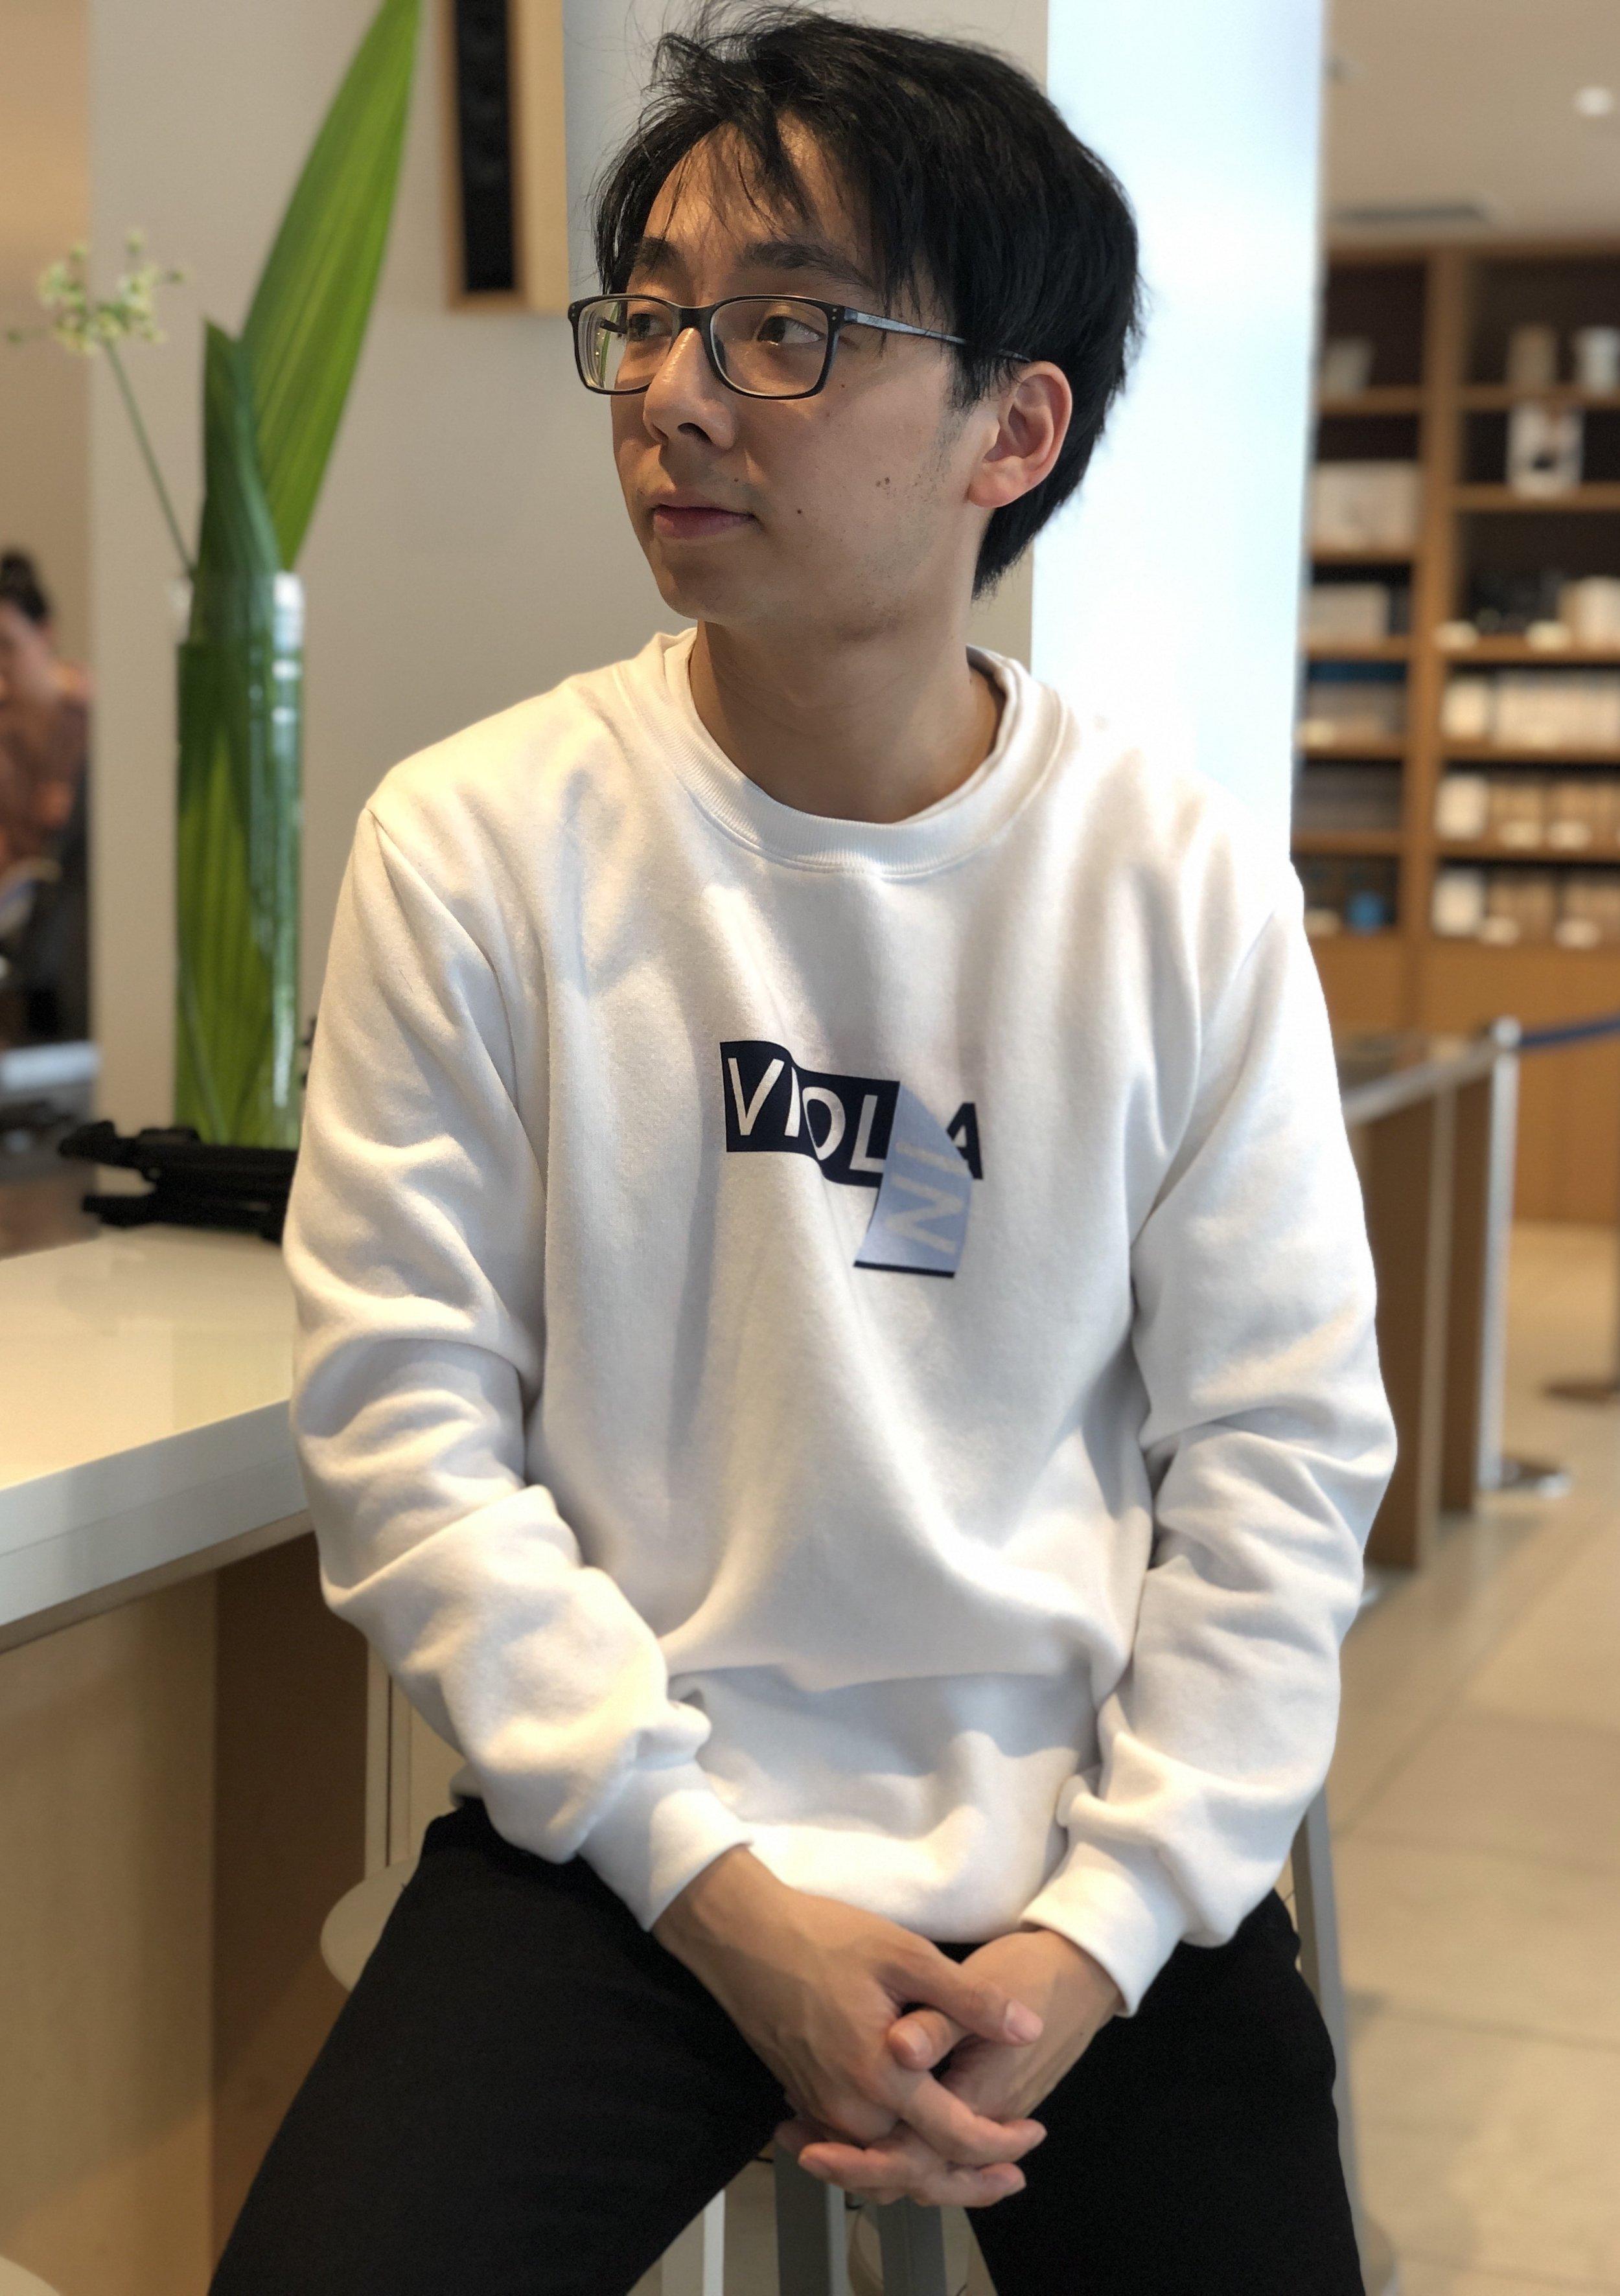 Violin/a sweater